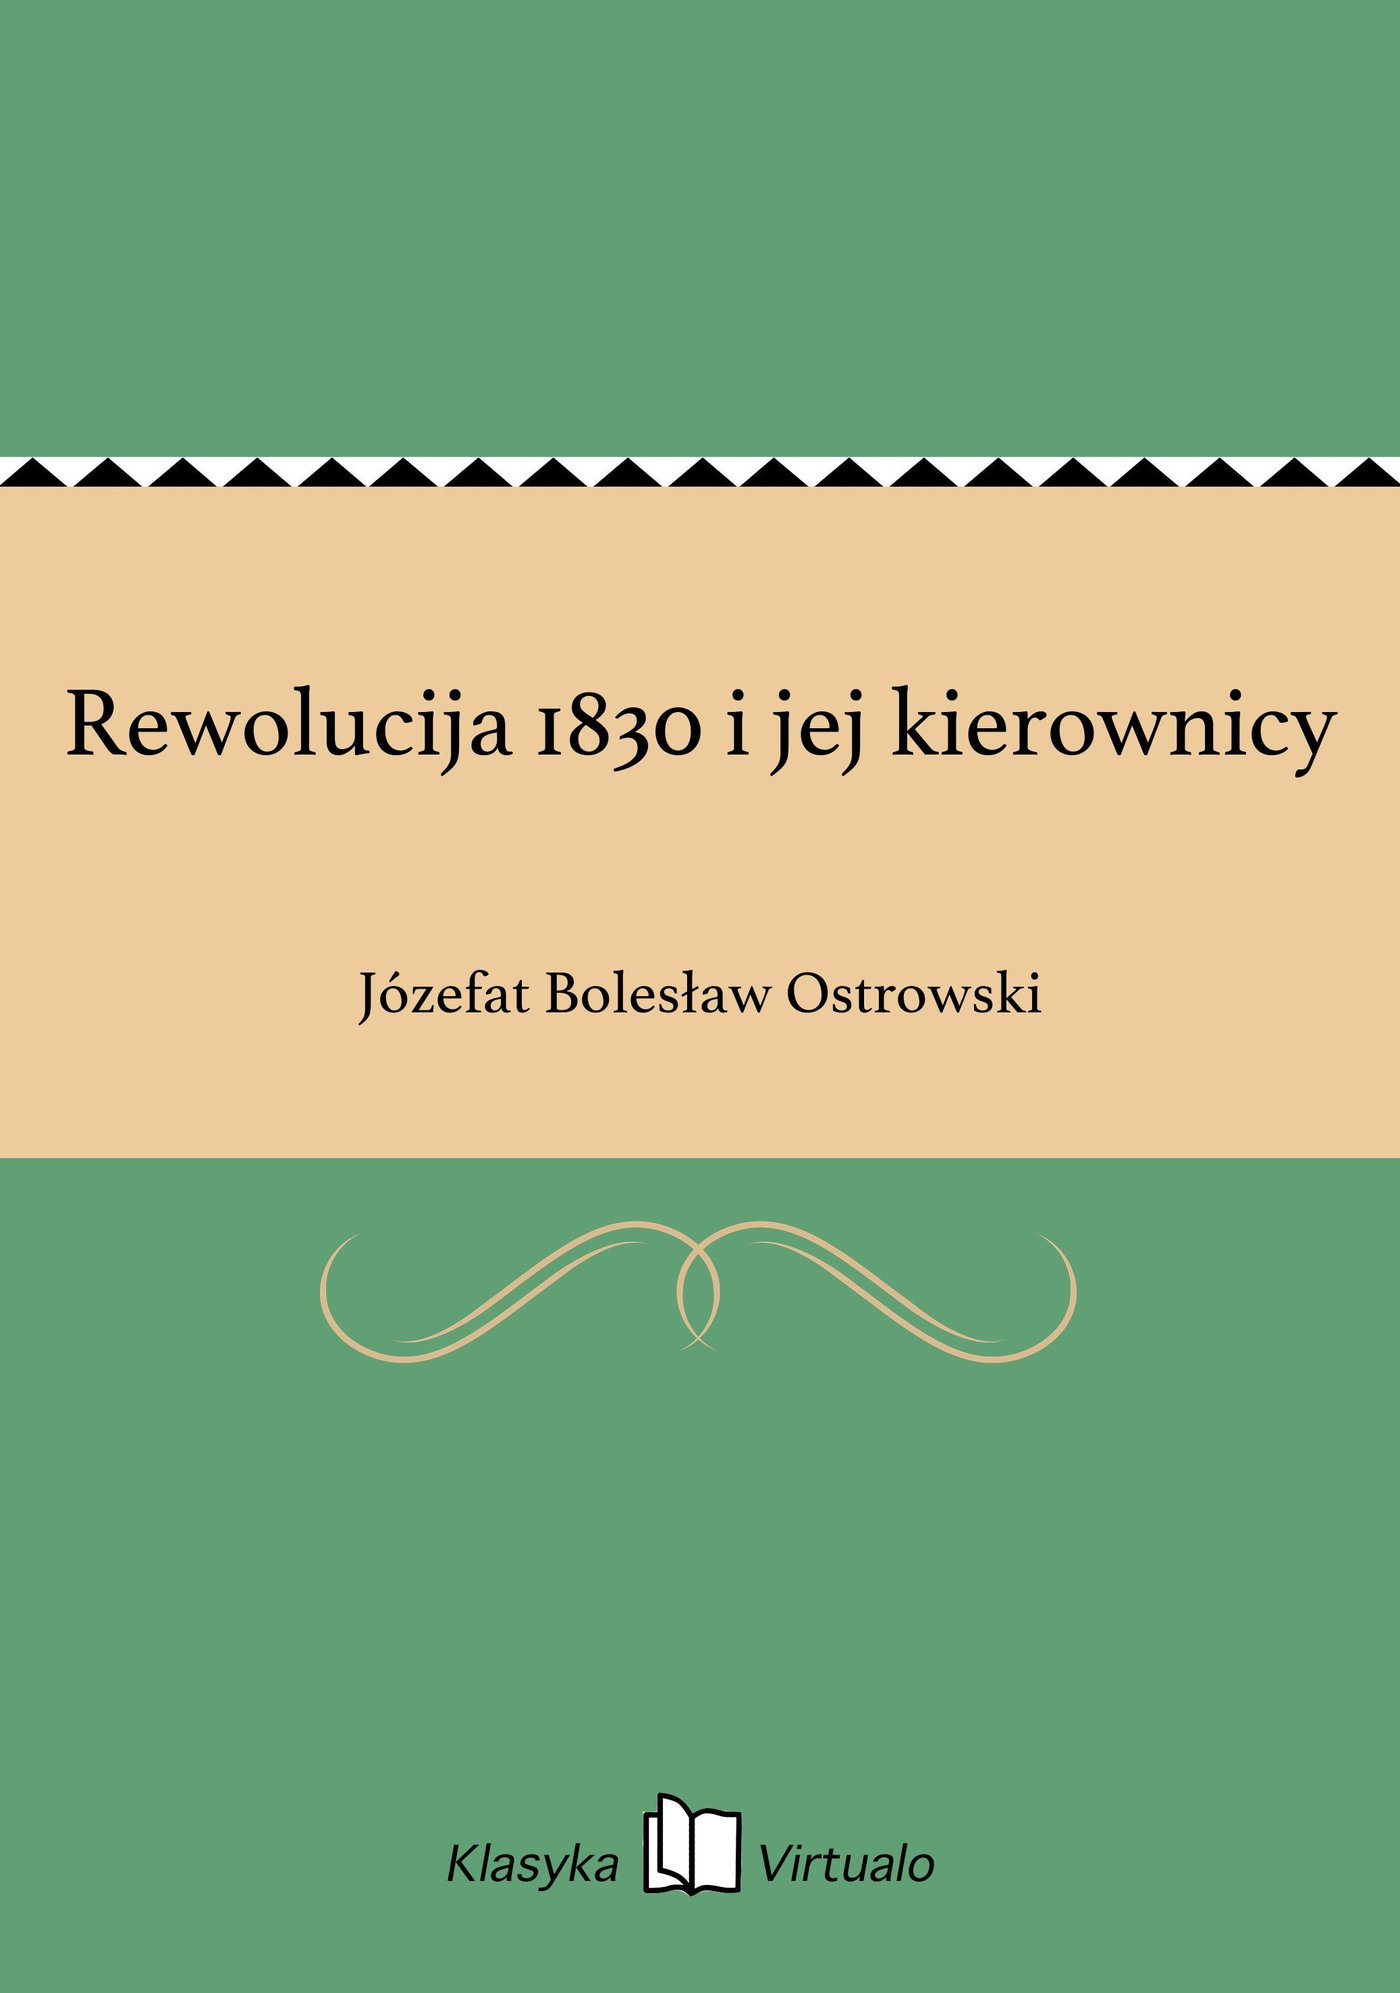 Rewolucija 1830 i jej kierownicy - Ebook (Książka na Kindle) do pobrania w formacie MOBI